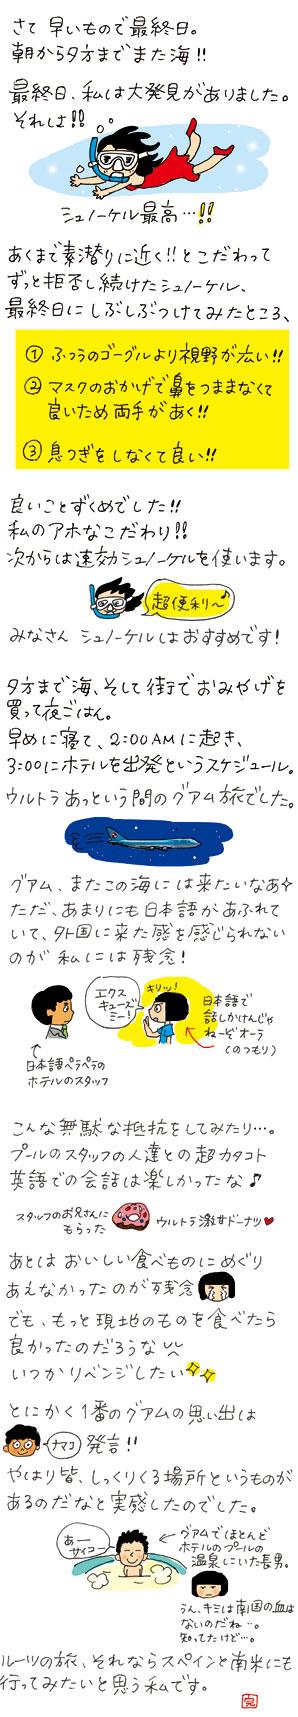 yuka4_c.jpg